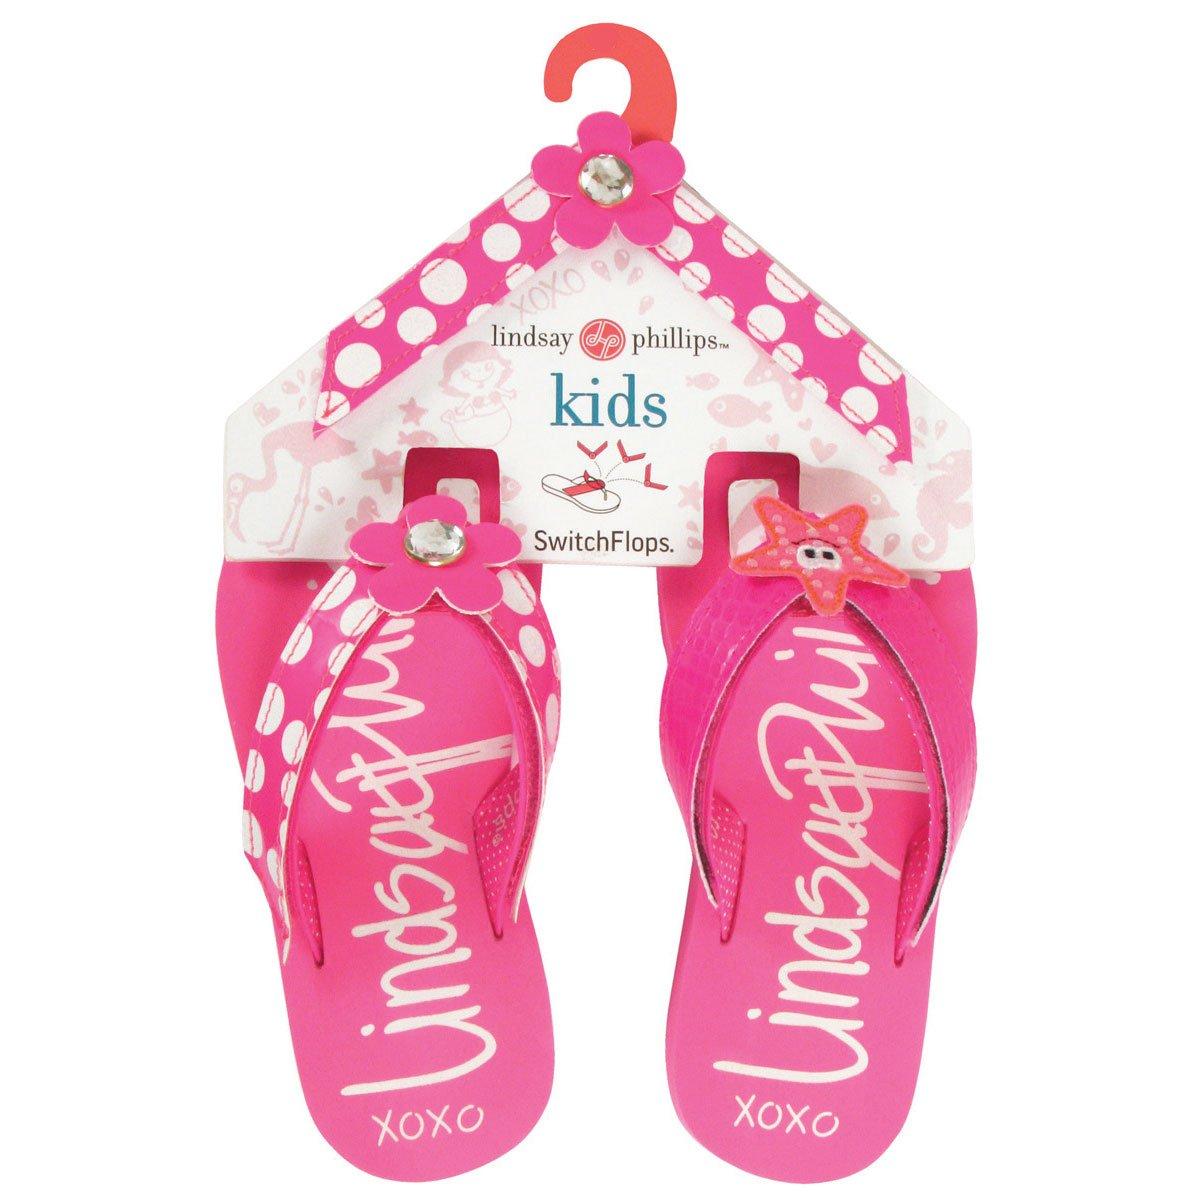 Kid's Girls Lindsay Phillips Switchflops Interchangeable Velcro Top Mackenzie Flip Flop Bundle - Size 2